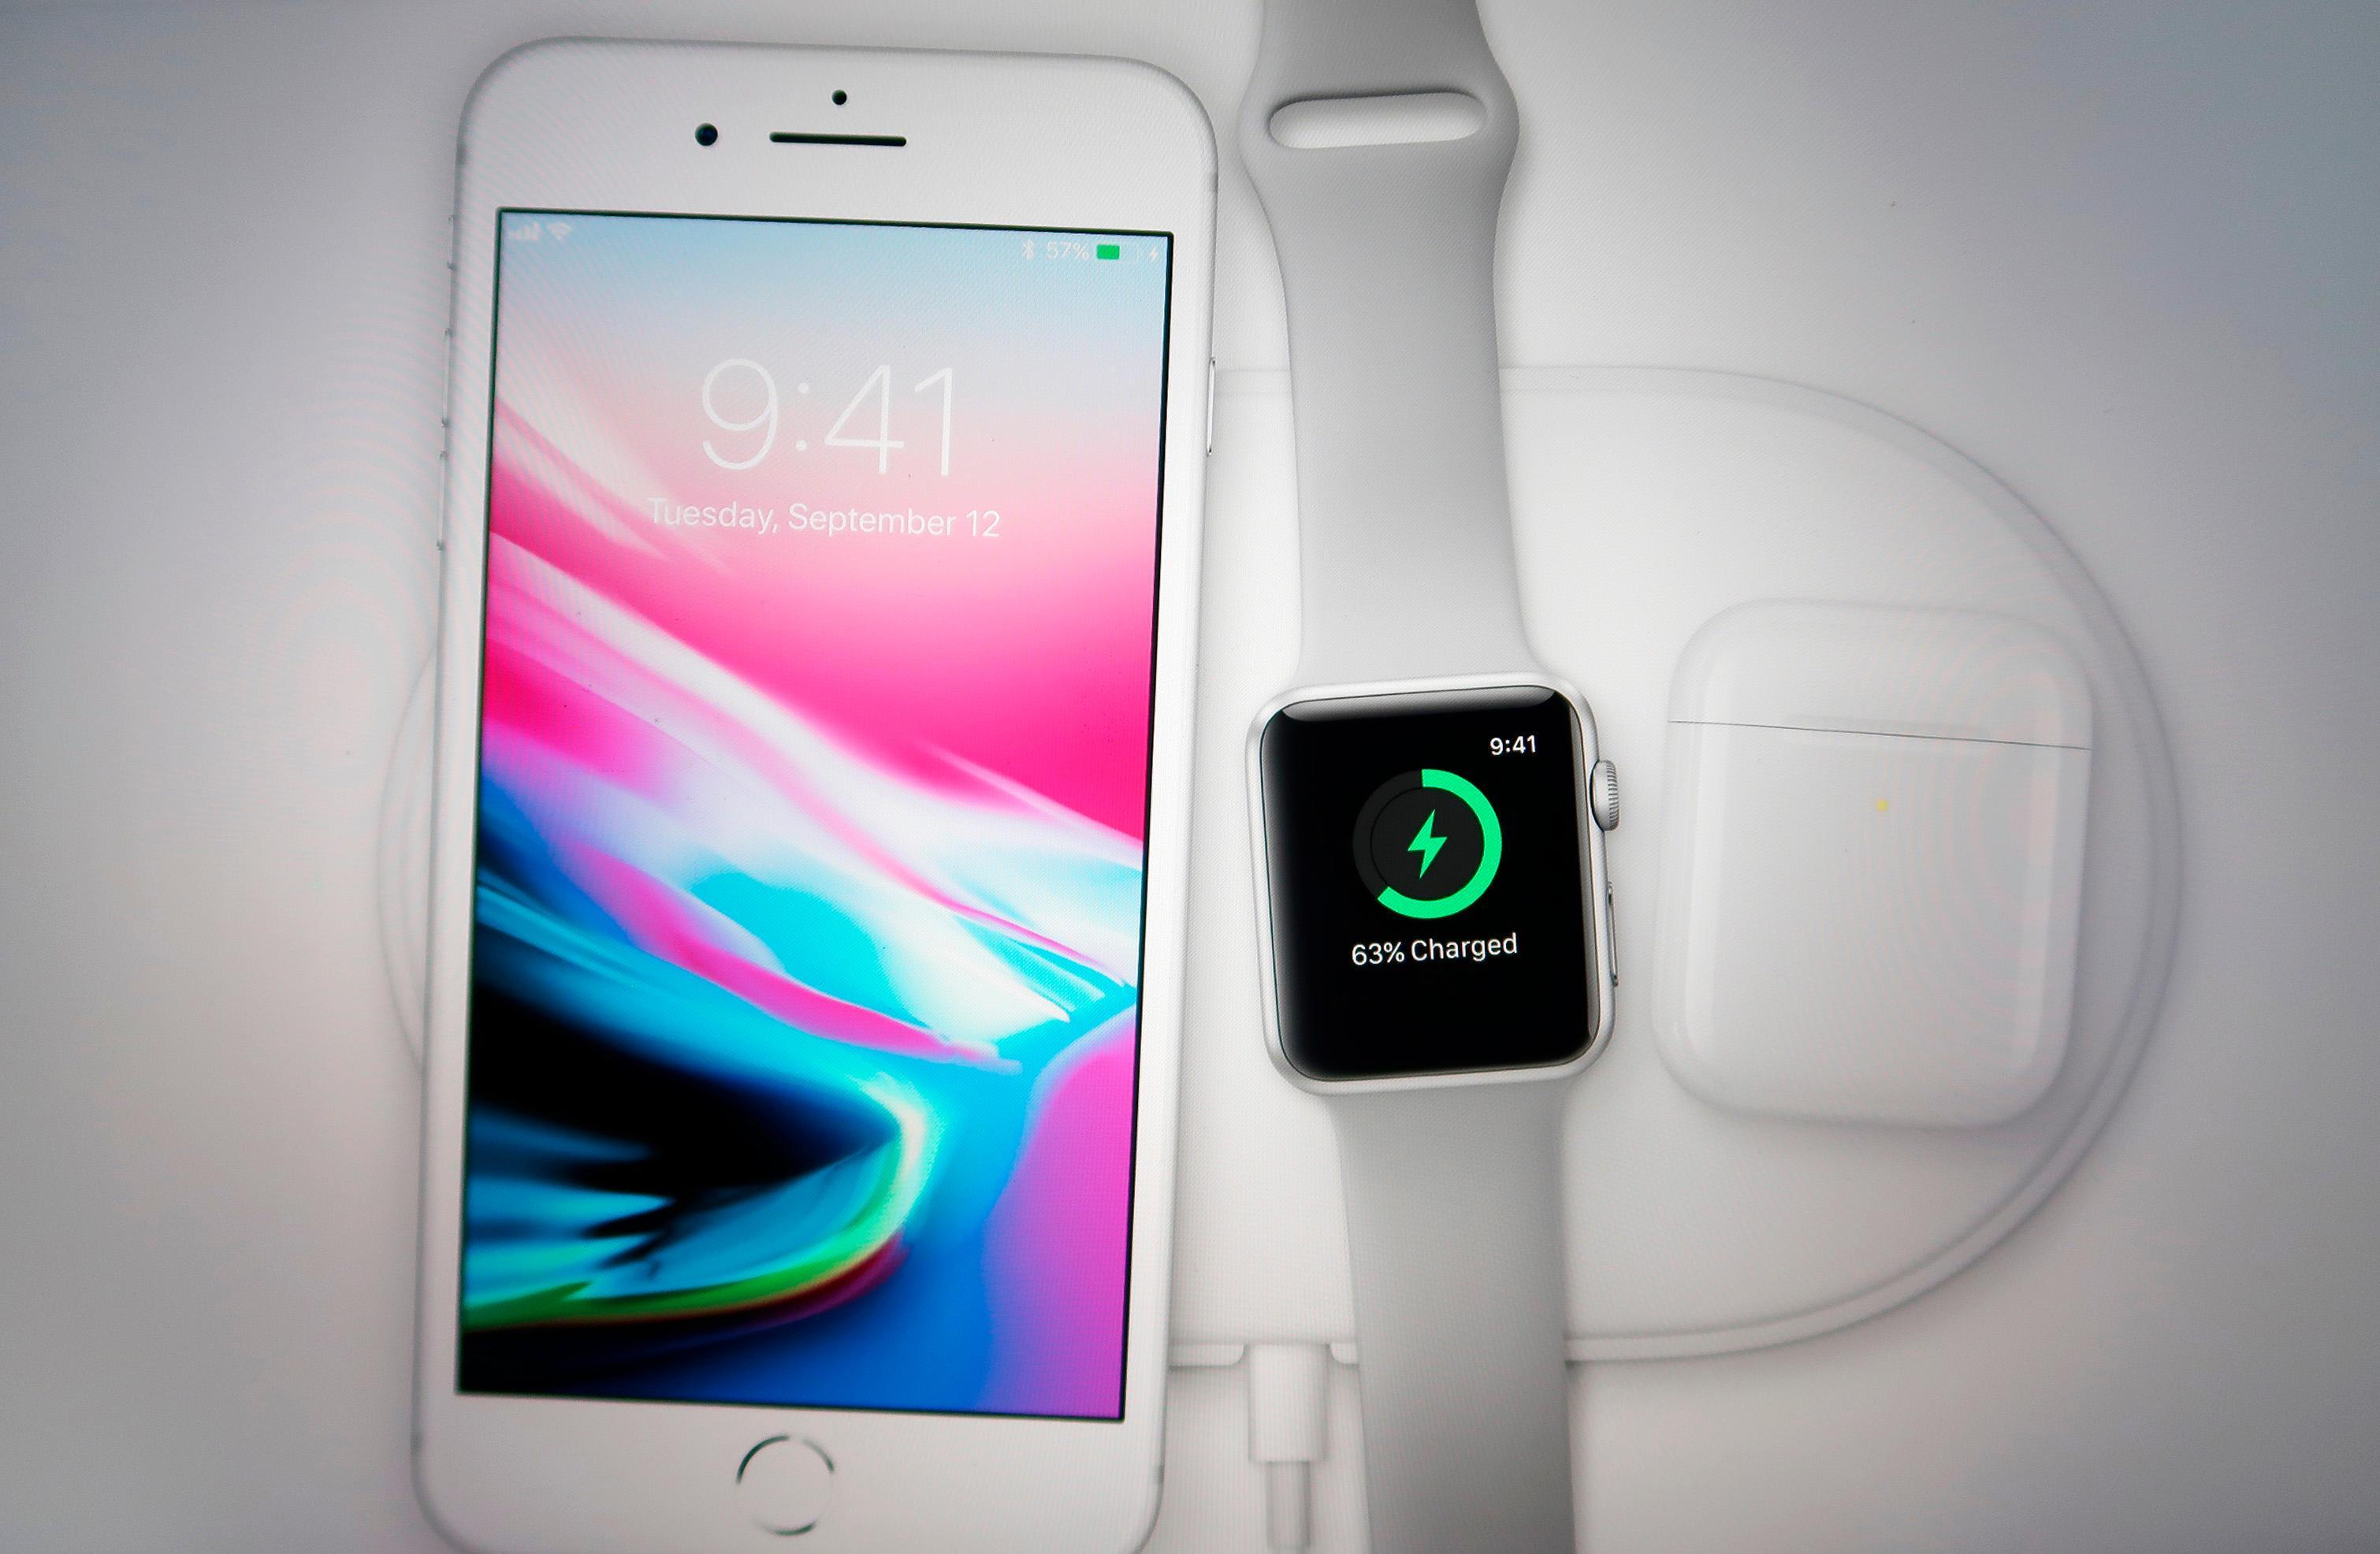 Apple        Očakáva sa, že začne nový rozpočet iPhone, ktorý vyzerá ako iPhone 8 - ale oneskorenia môžu brániť uvoľneniu, hovoria odborníci